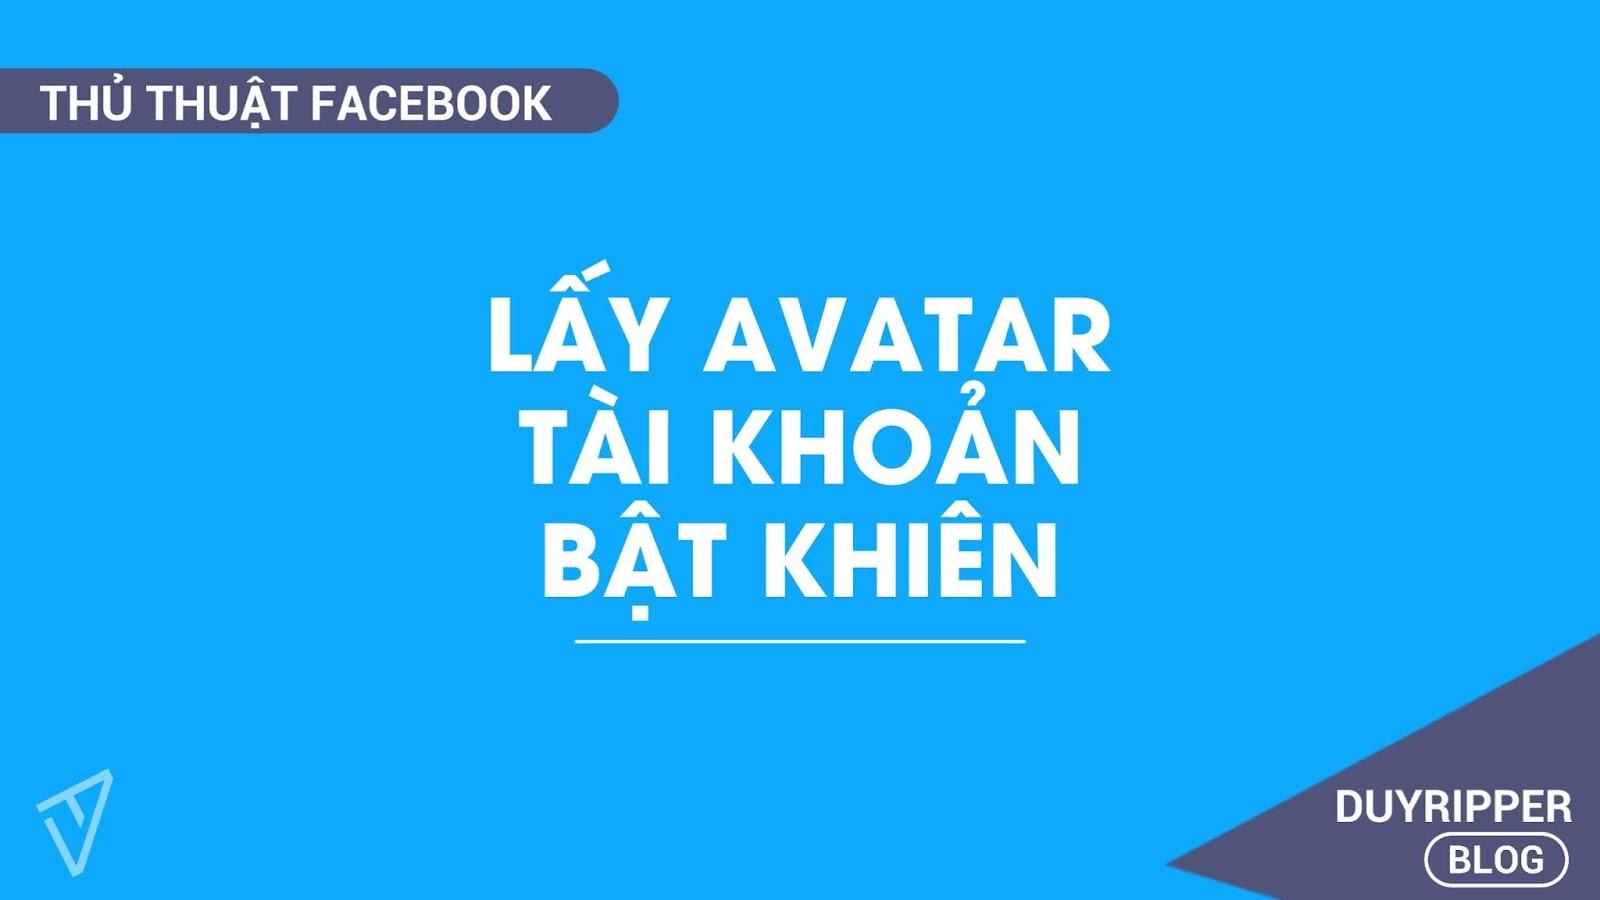 Hướng dẫn lấy avatar tài khoản facebook bật khiên